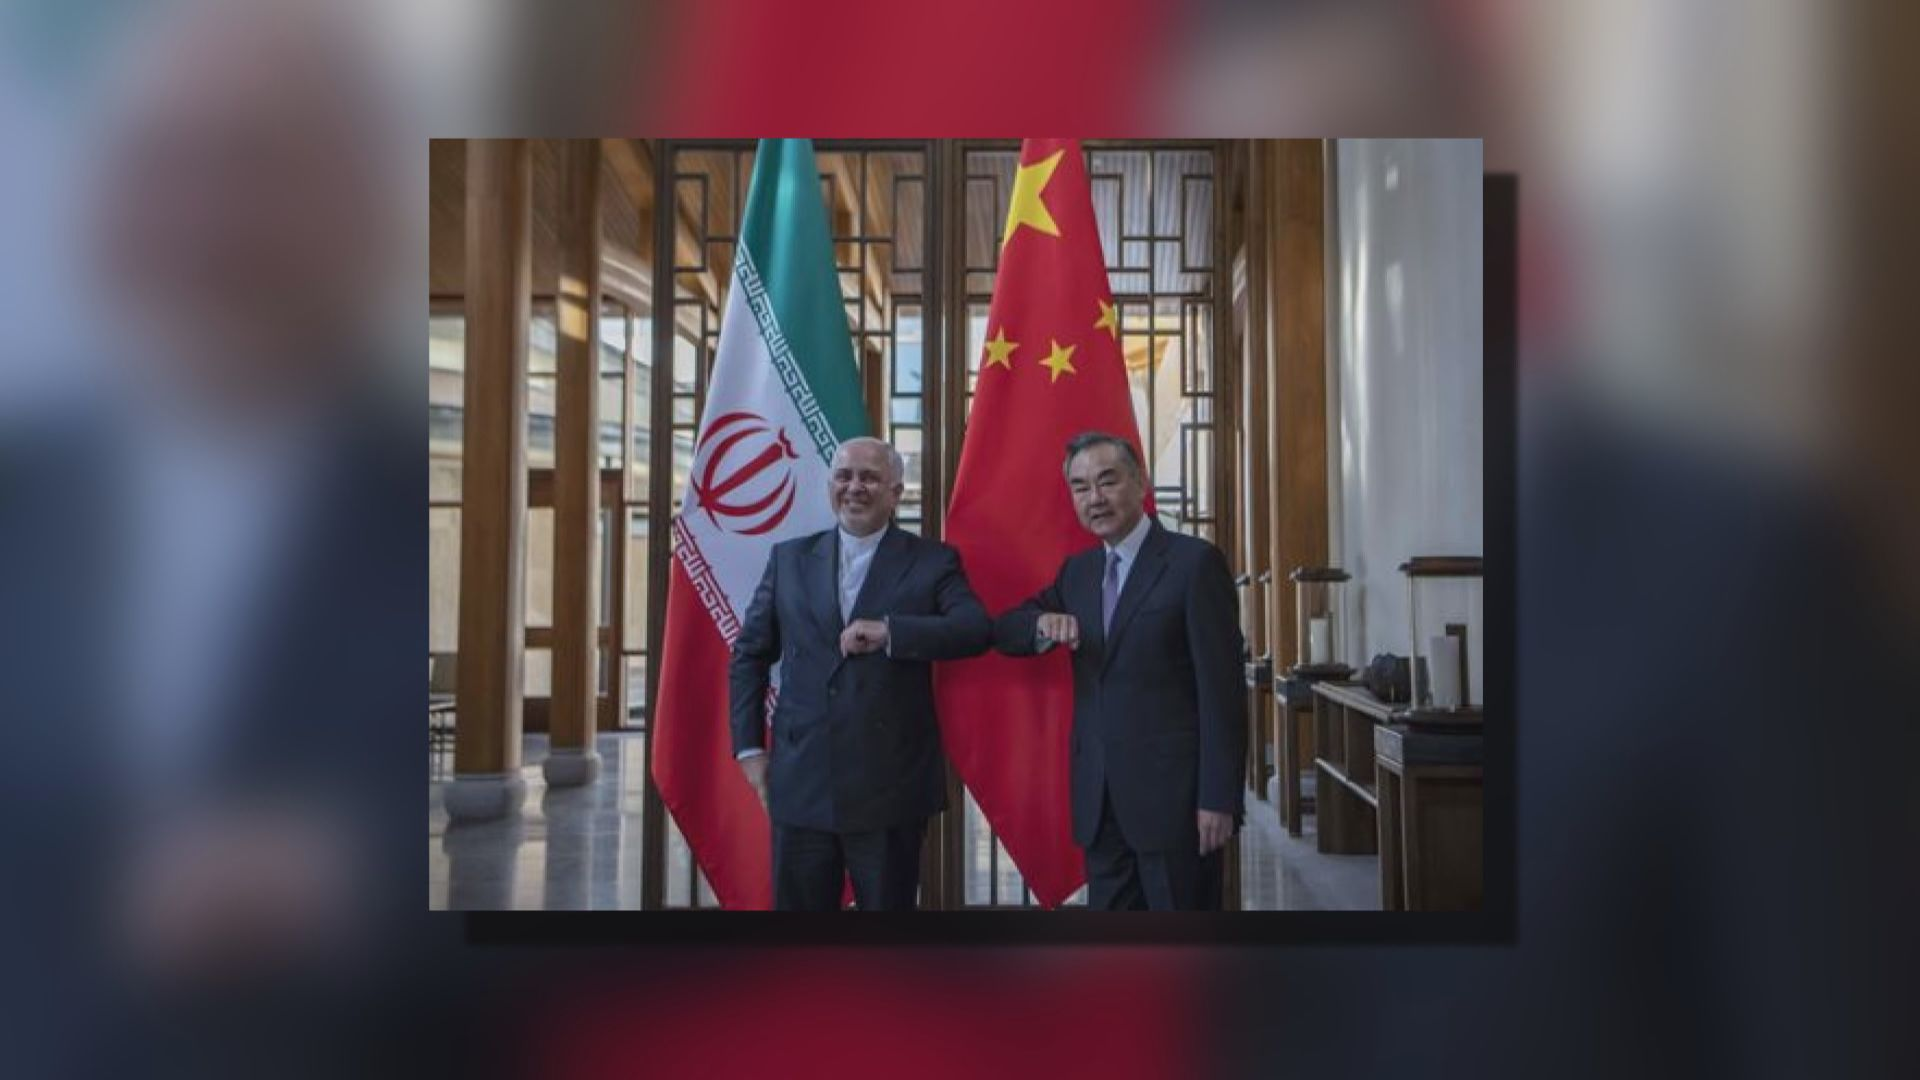 王毅:會繼續致力推動落實伊朗核協議